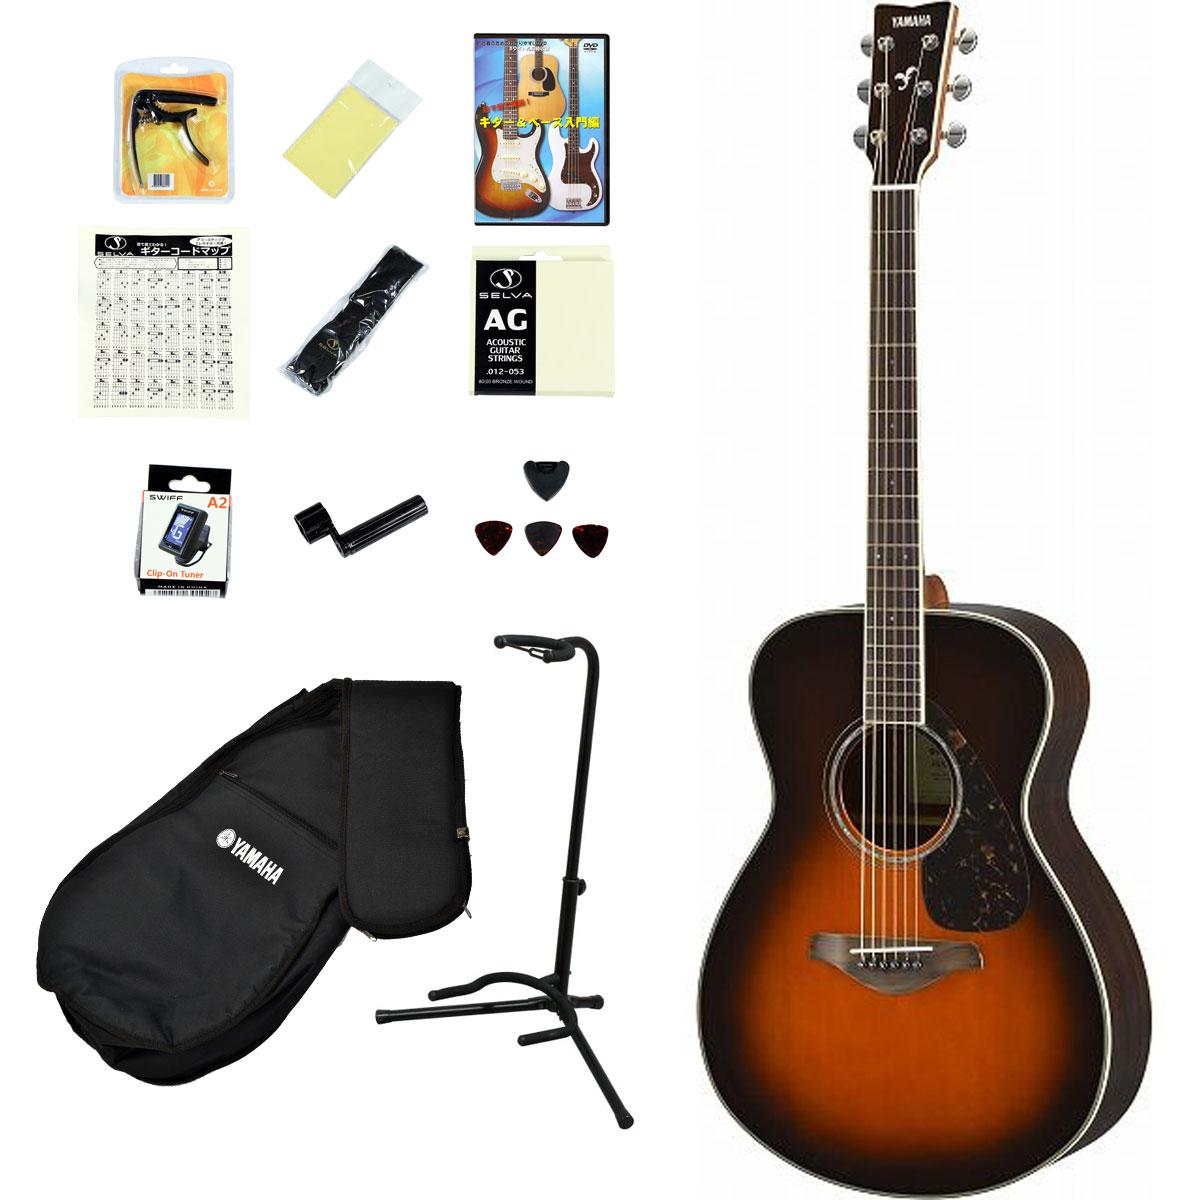 YAMAHA / FS830 TBS(タバコブラウンサンバースト) 【アコースティックギター14点入門セット!】 ヤマハ アコギ フォークギター FS-830 入門 初心者【YRK】